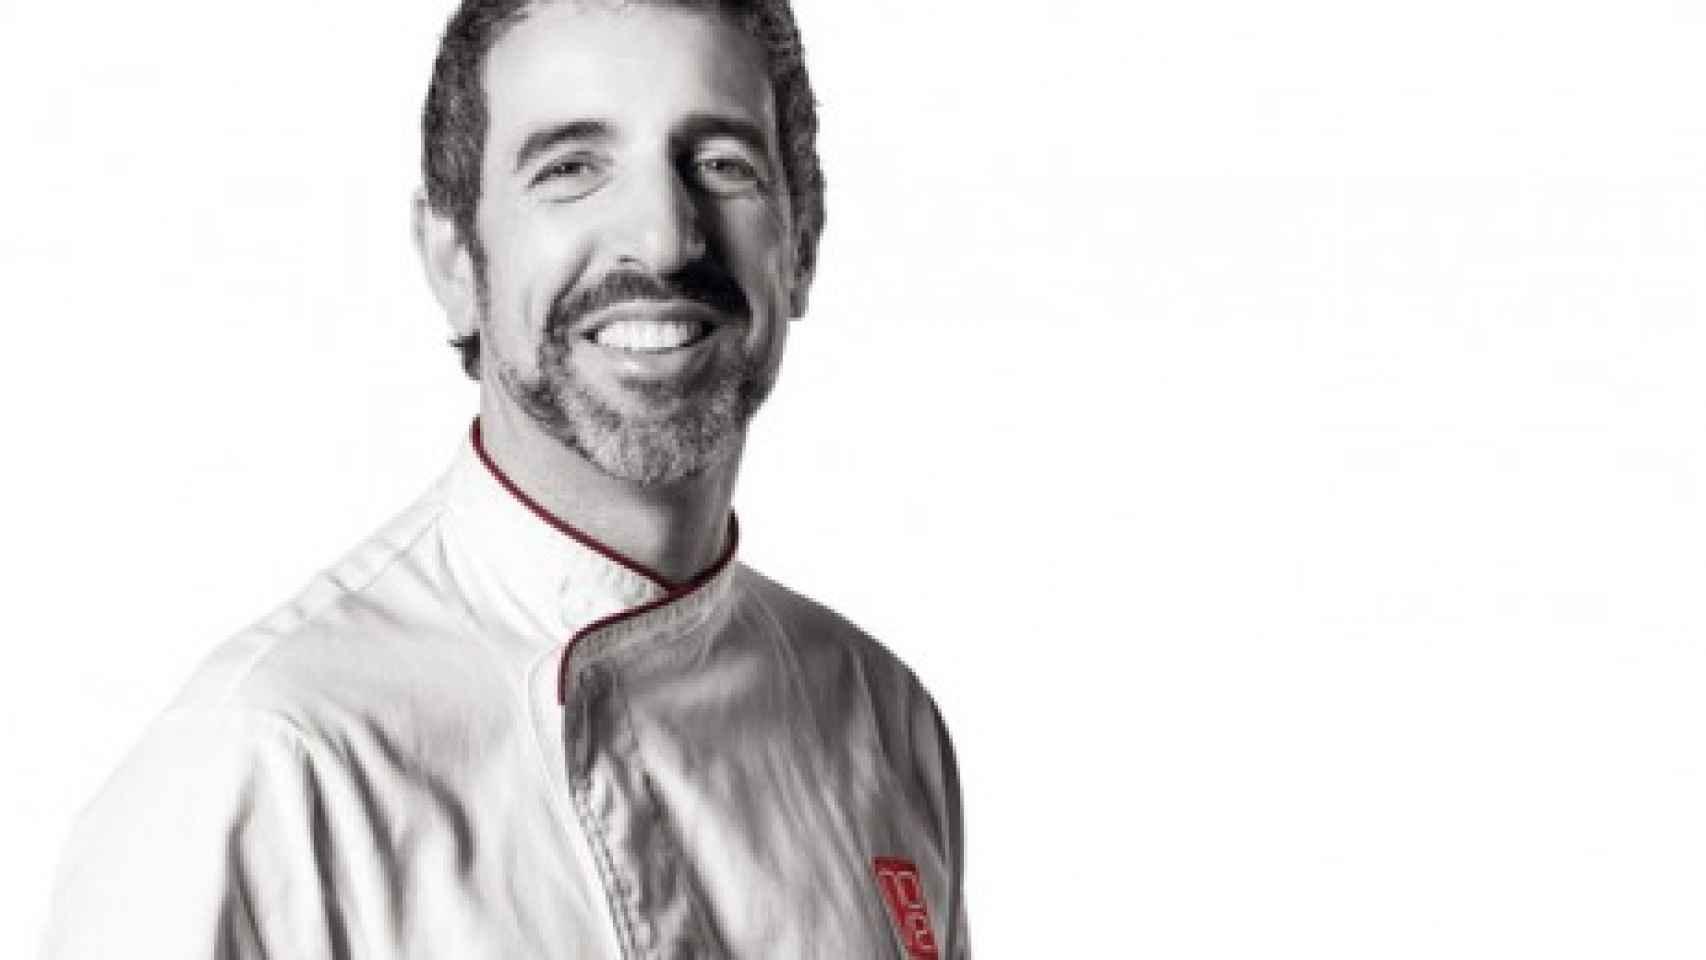 El cocinero gallego Pepe Solla, poseedor de una Estrella Michelín.